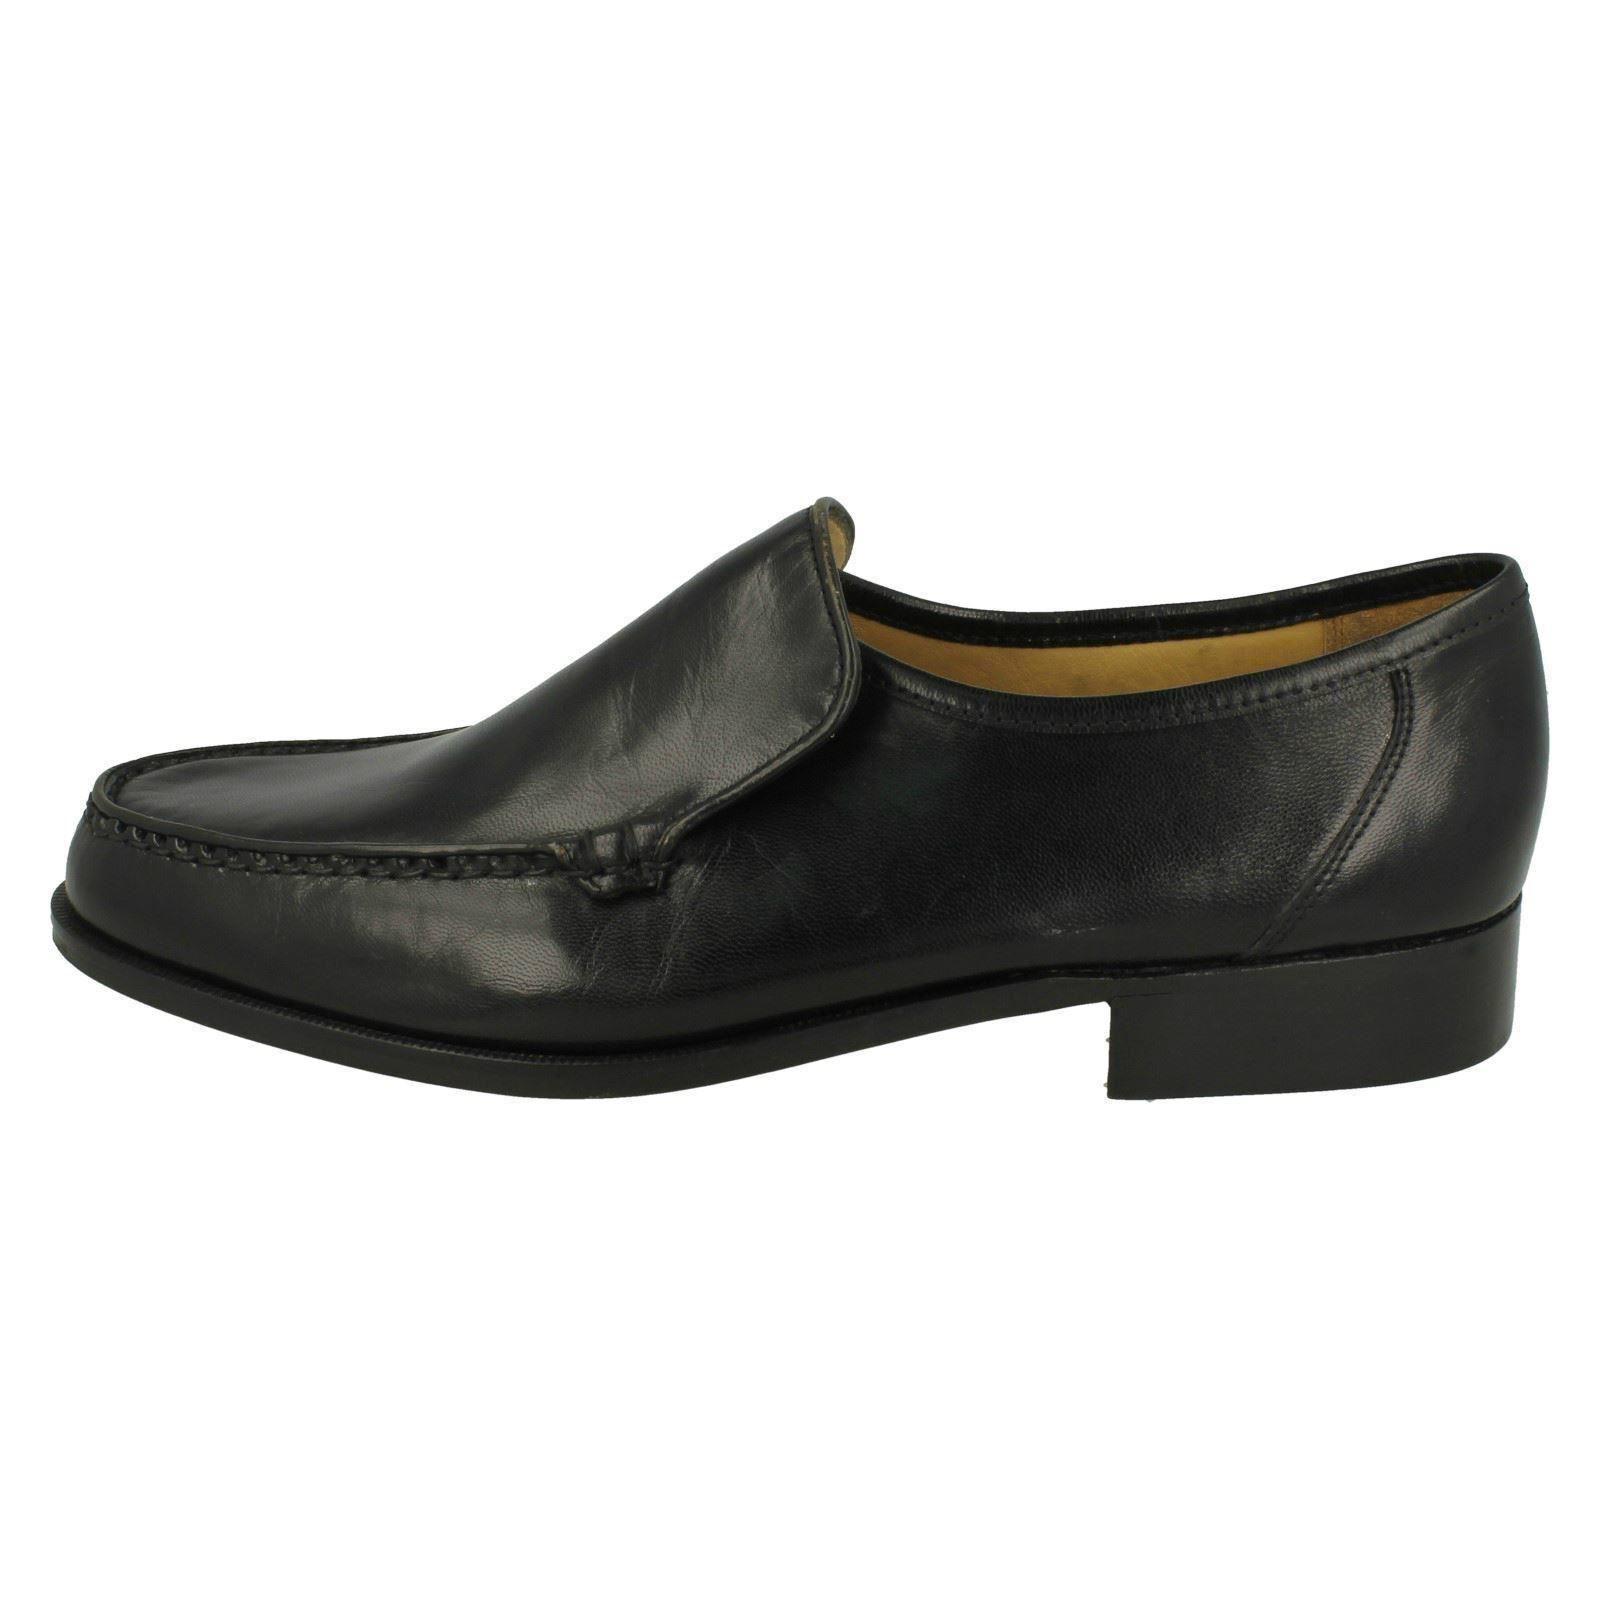 Herren Illinois von schwarzes Leder Hineinschlüpfen Schuh von Illinois Thomas Blunt f0bc5f